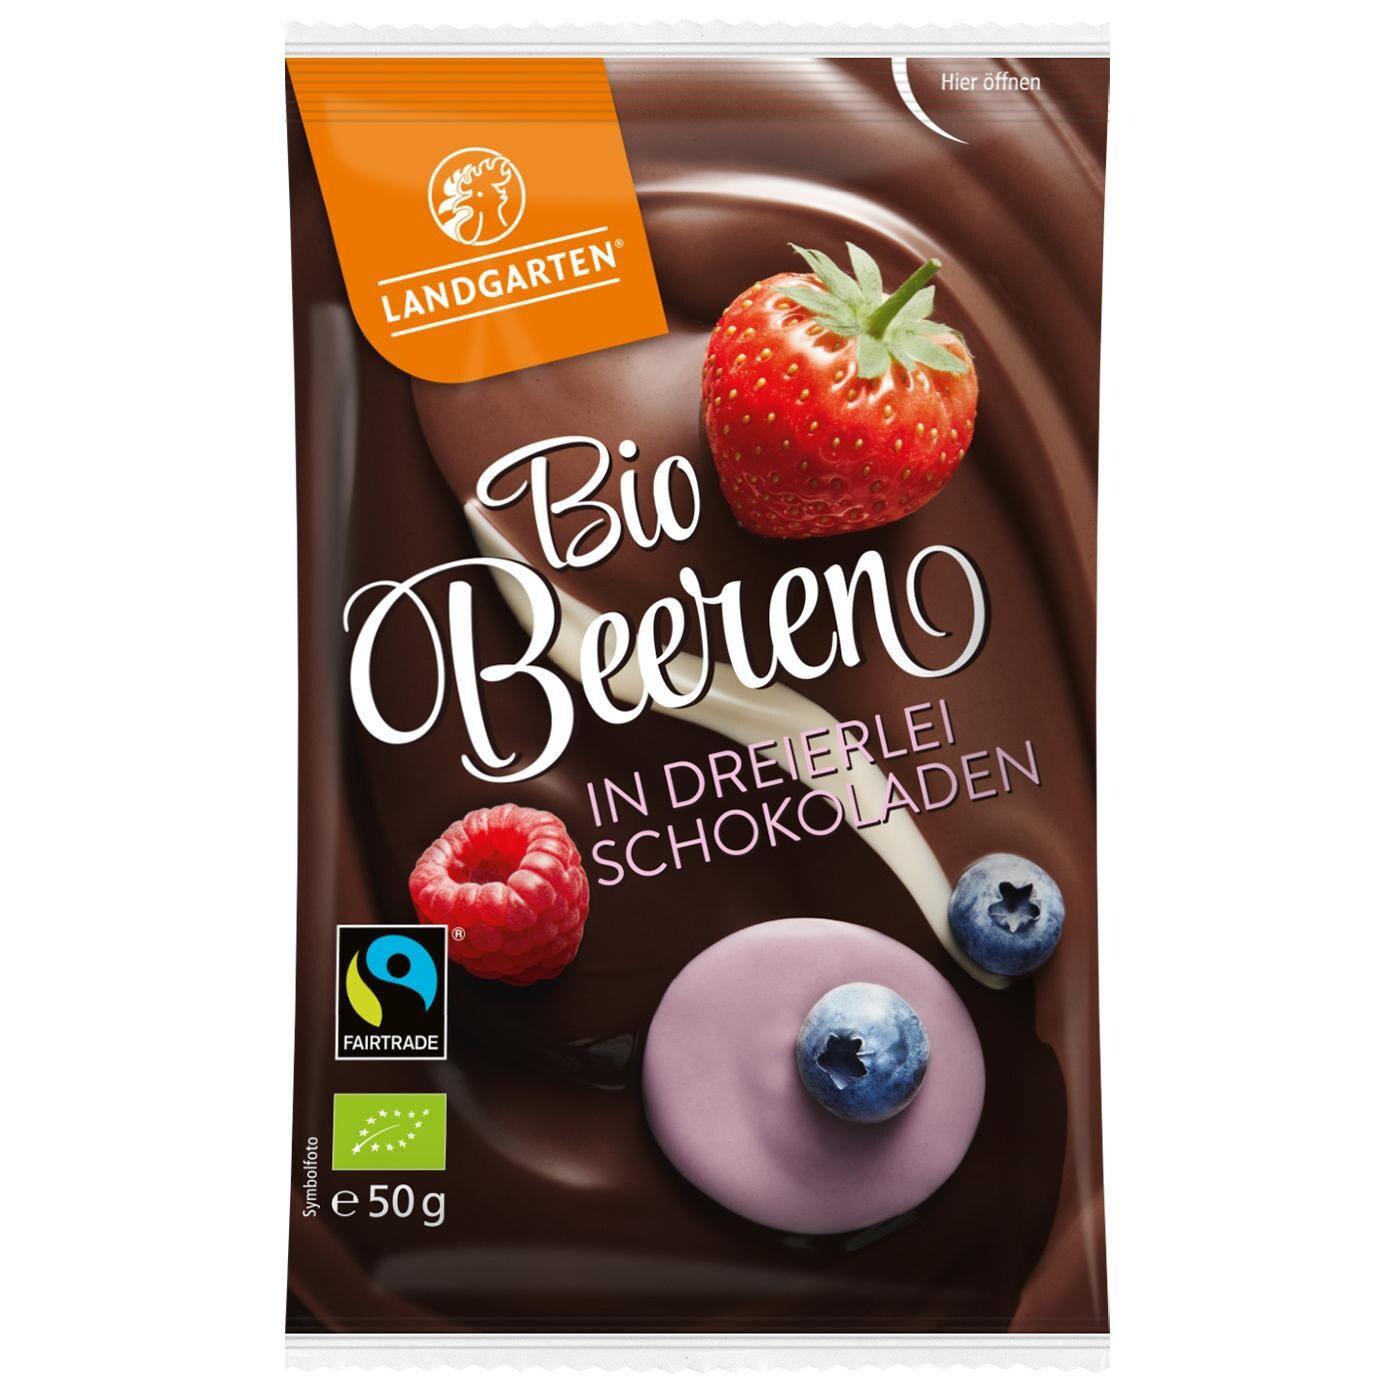 Landgarten Bio Beeren in dreierlei Schokoladen 50g